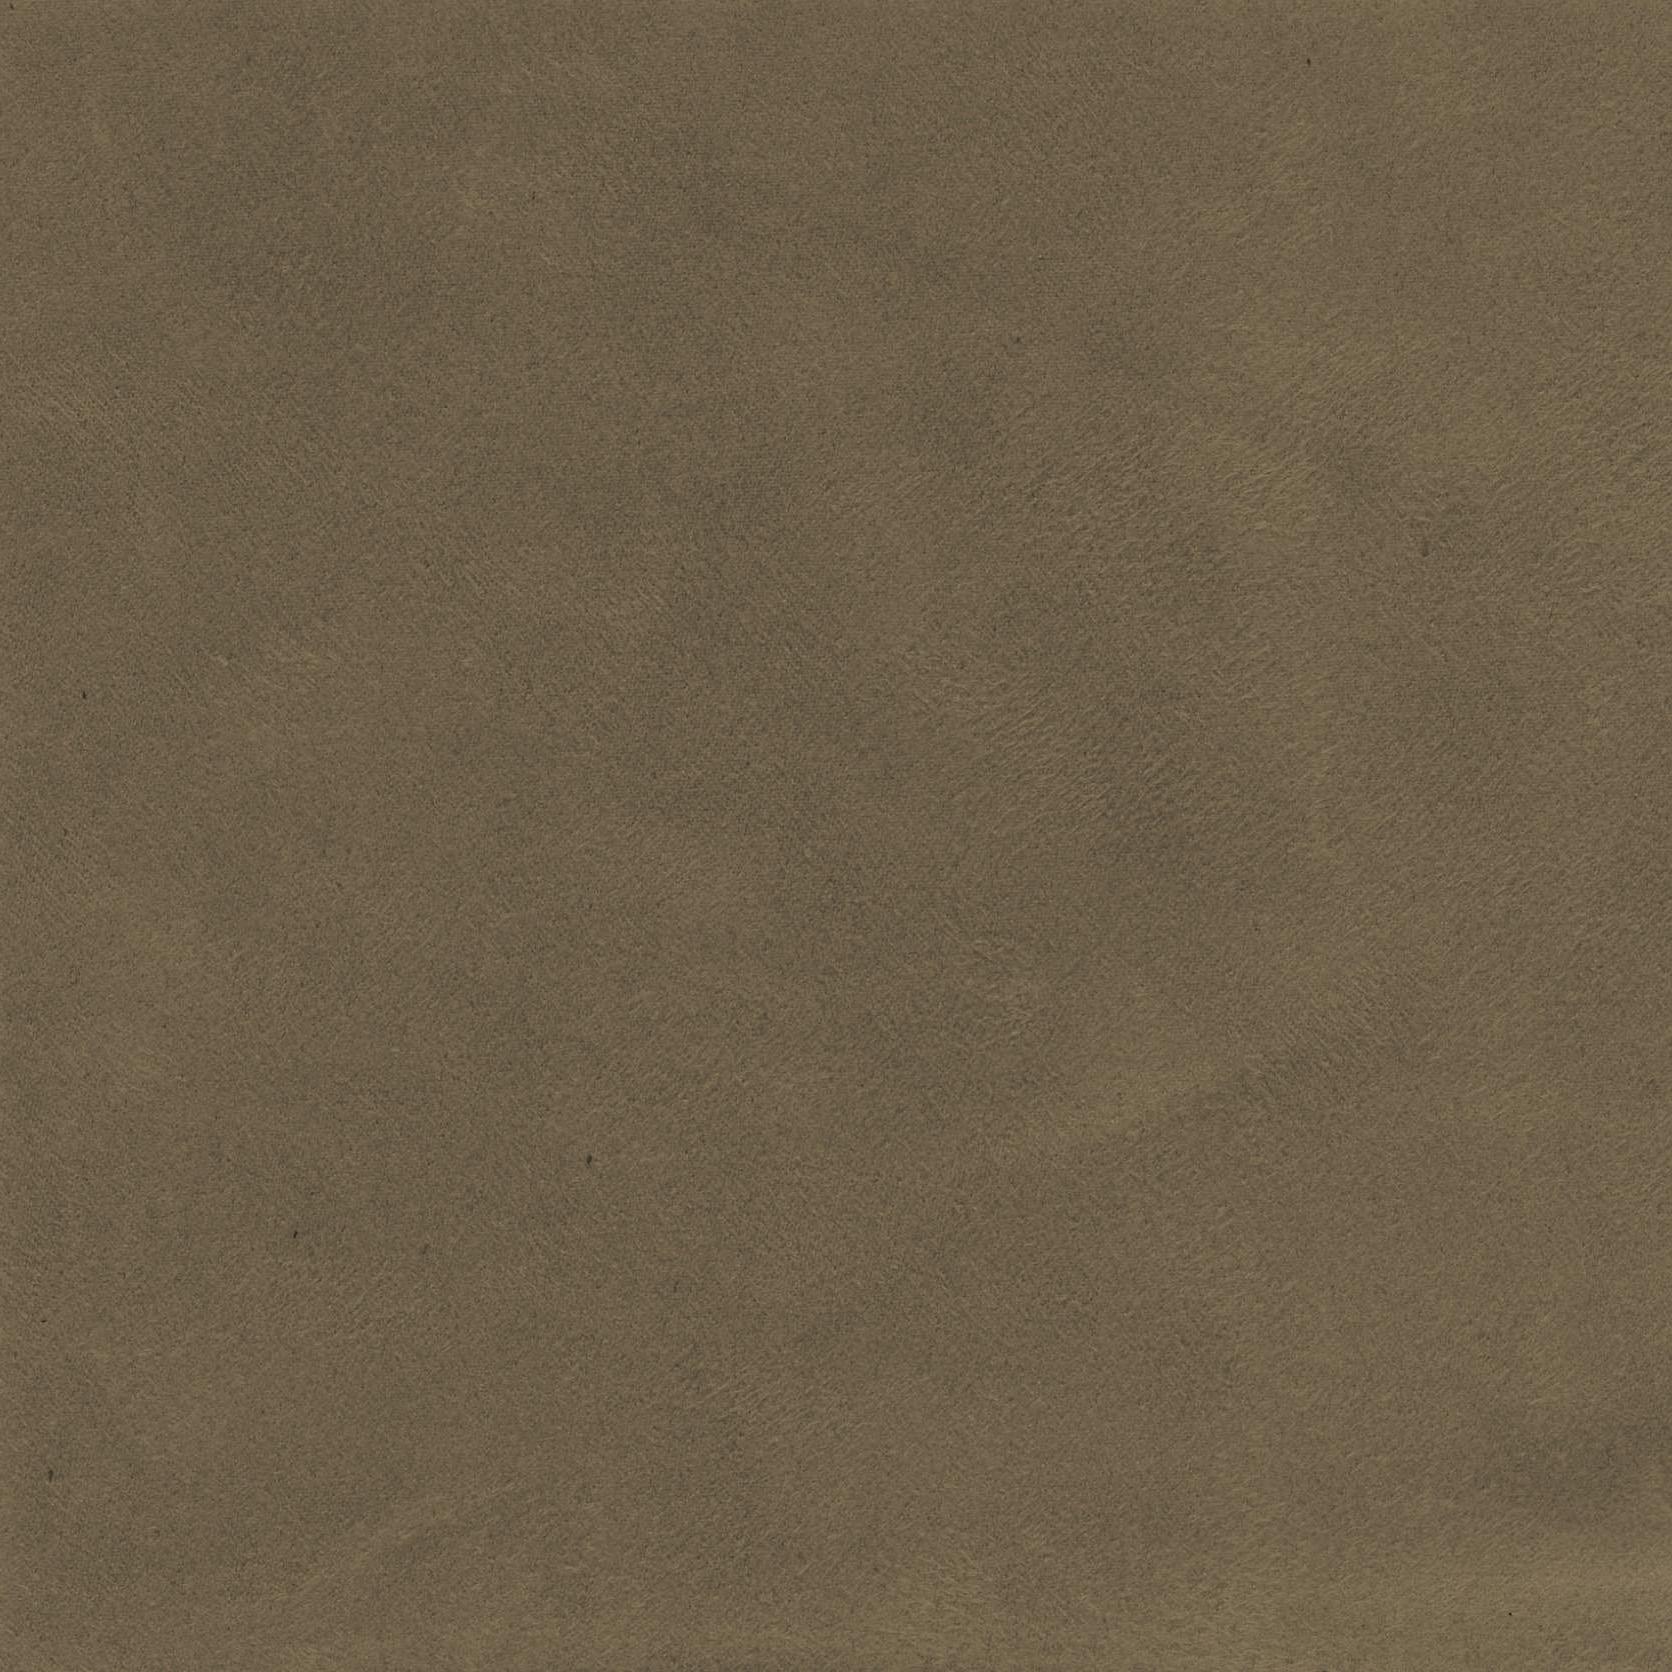 Khaki – Microfiber/Microsuede